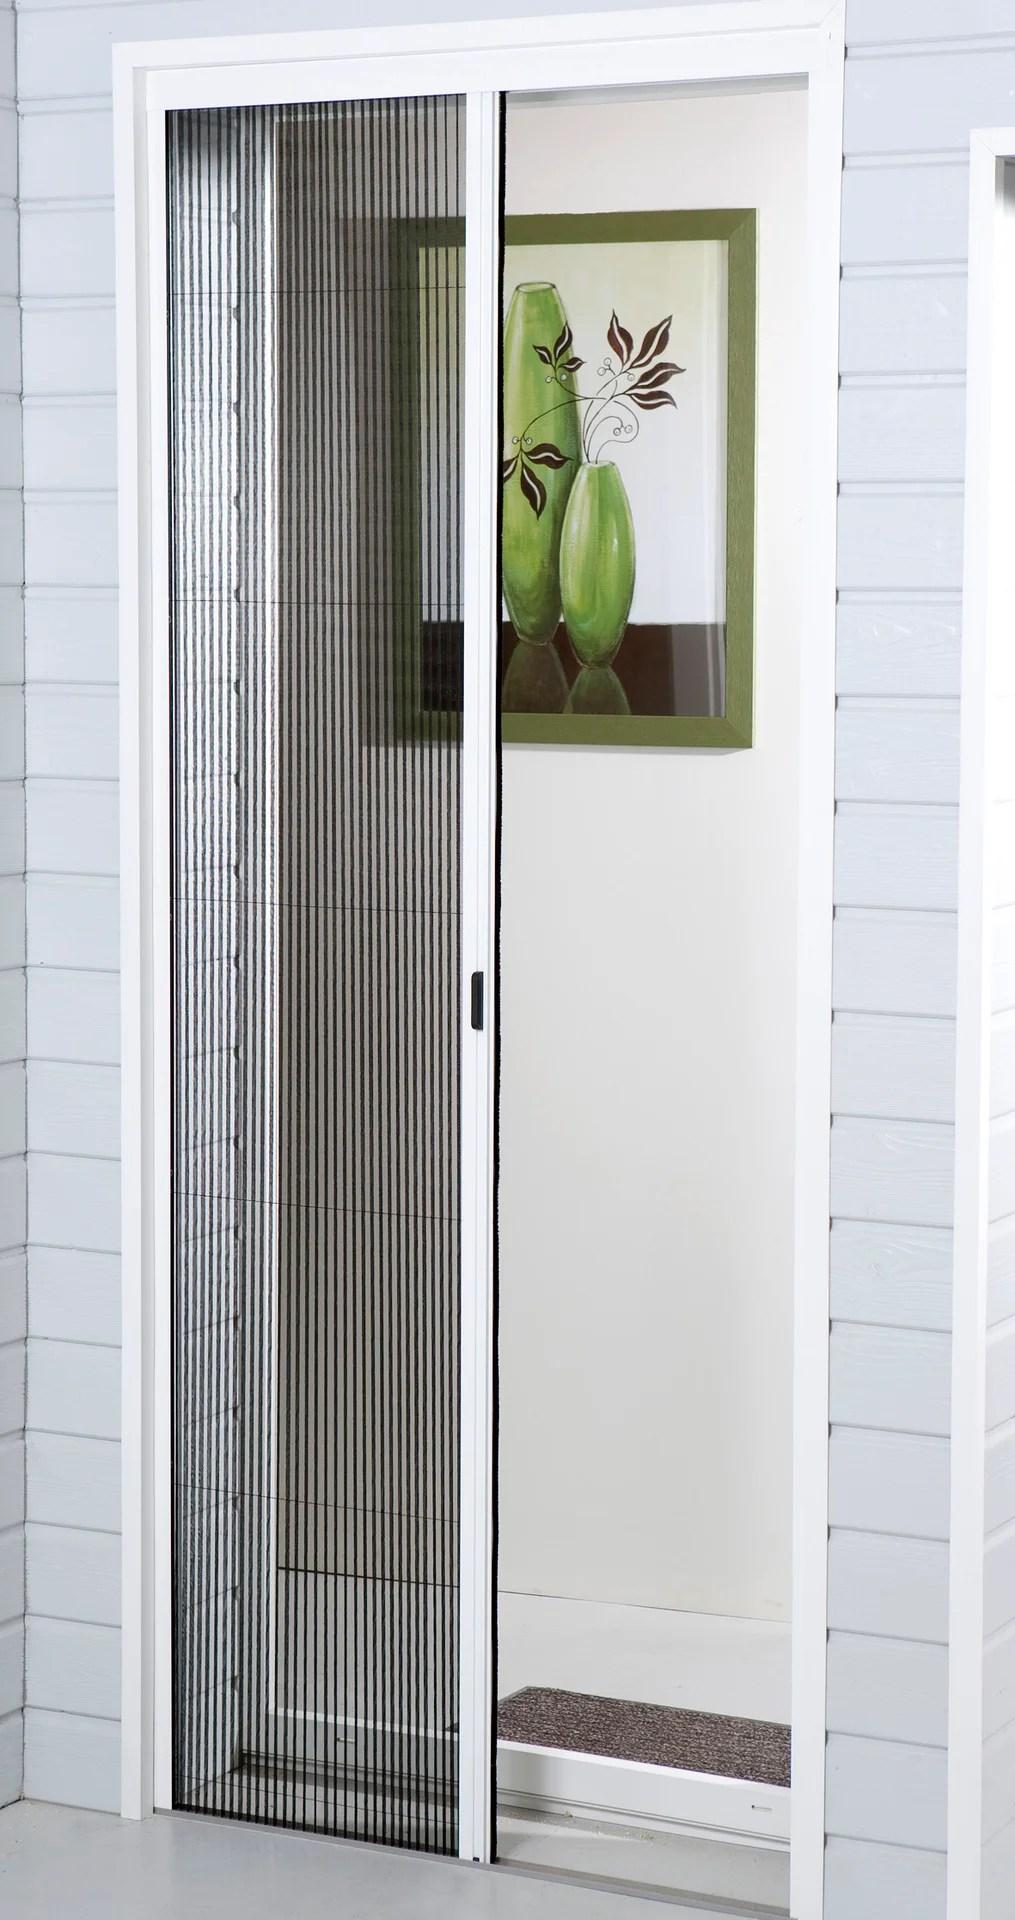 moustiquaire pour porte fenetre plissee moustikit h 230 x l 140 cm